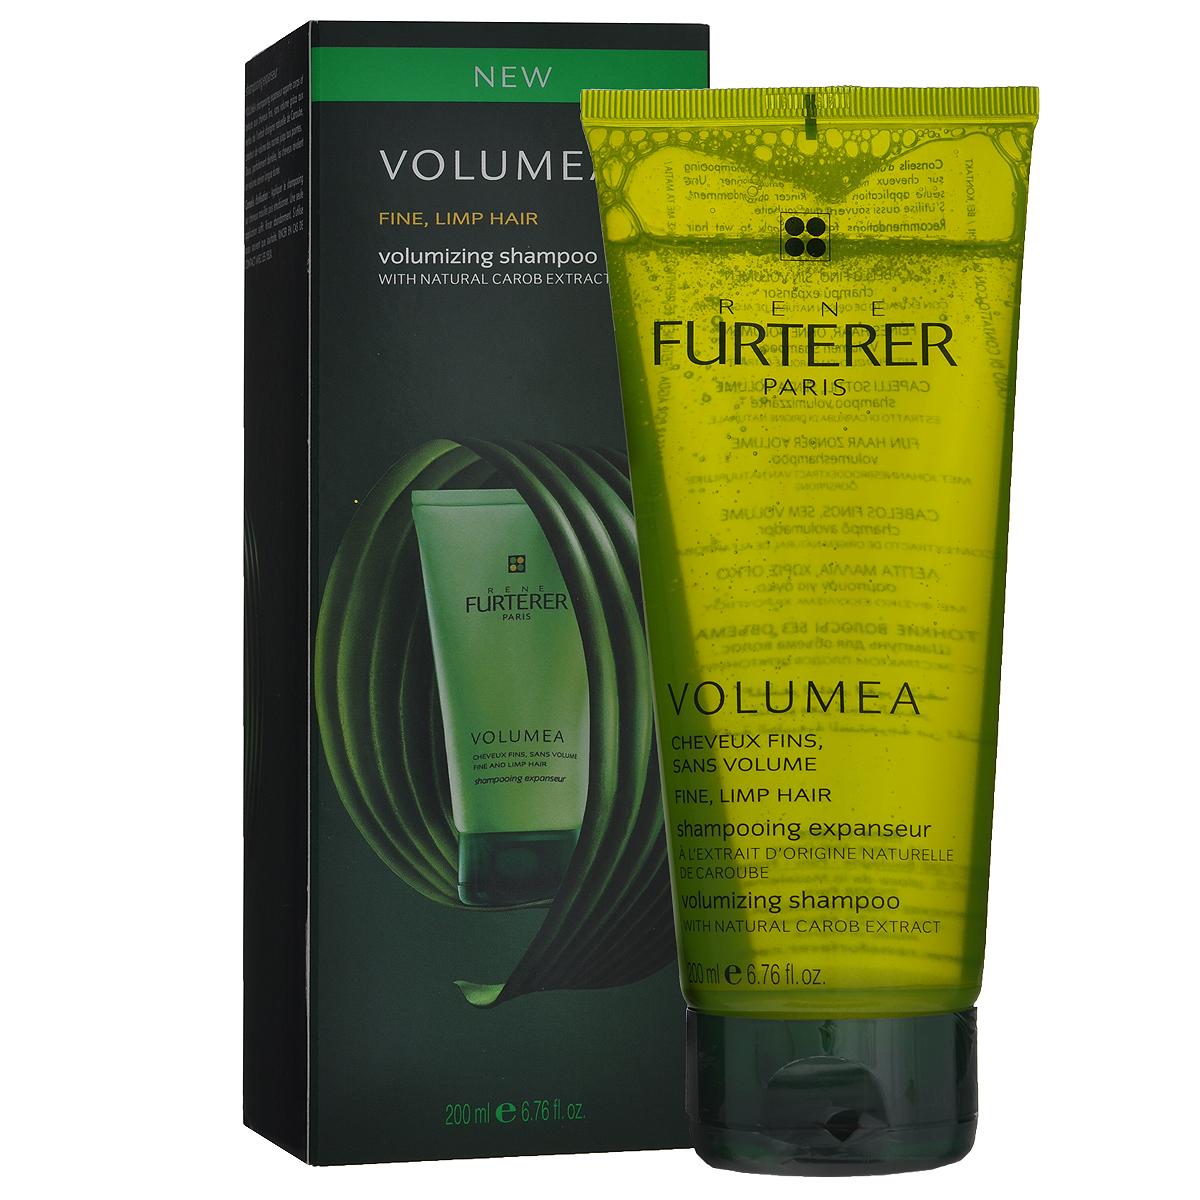 Rene Furterer Шампунь Volumea для объема волос, 200 мл3282779354899Мягкий шампунь придает плотность, густоту и воздушный объем тонким волосам. Благодаря щадящей формуле шампуня, волосы и кожа головы мягко очищаются. Волосы после использования шампуня легко расчесываются, надолго обретают воздушный объем. Активные компоненты : Натуральный экстракт плодов Цератонии создает объем от корней до самых кончиков волос. Катионный комплекс облегчает расчесывание. Мягкая, придающая объем моющая основа. Способ применения : нанести шампунь на влажные волосы, вспенить, смыть. Подходит для частого применения.